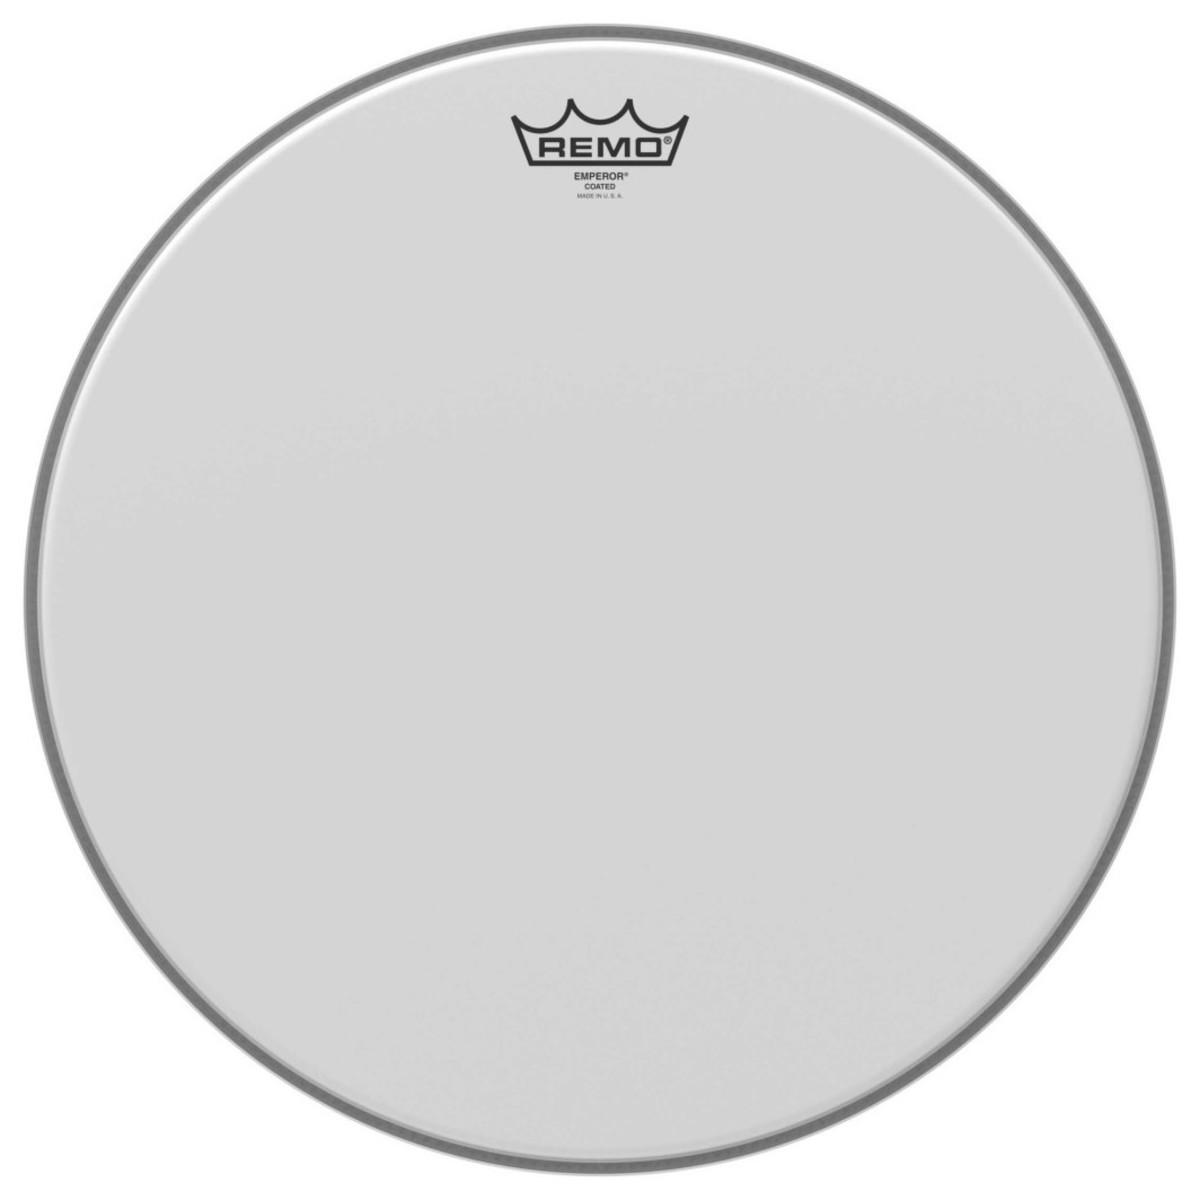 Remo Emperor Coated 20 Drum Head